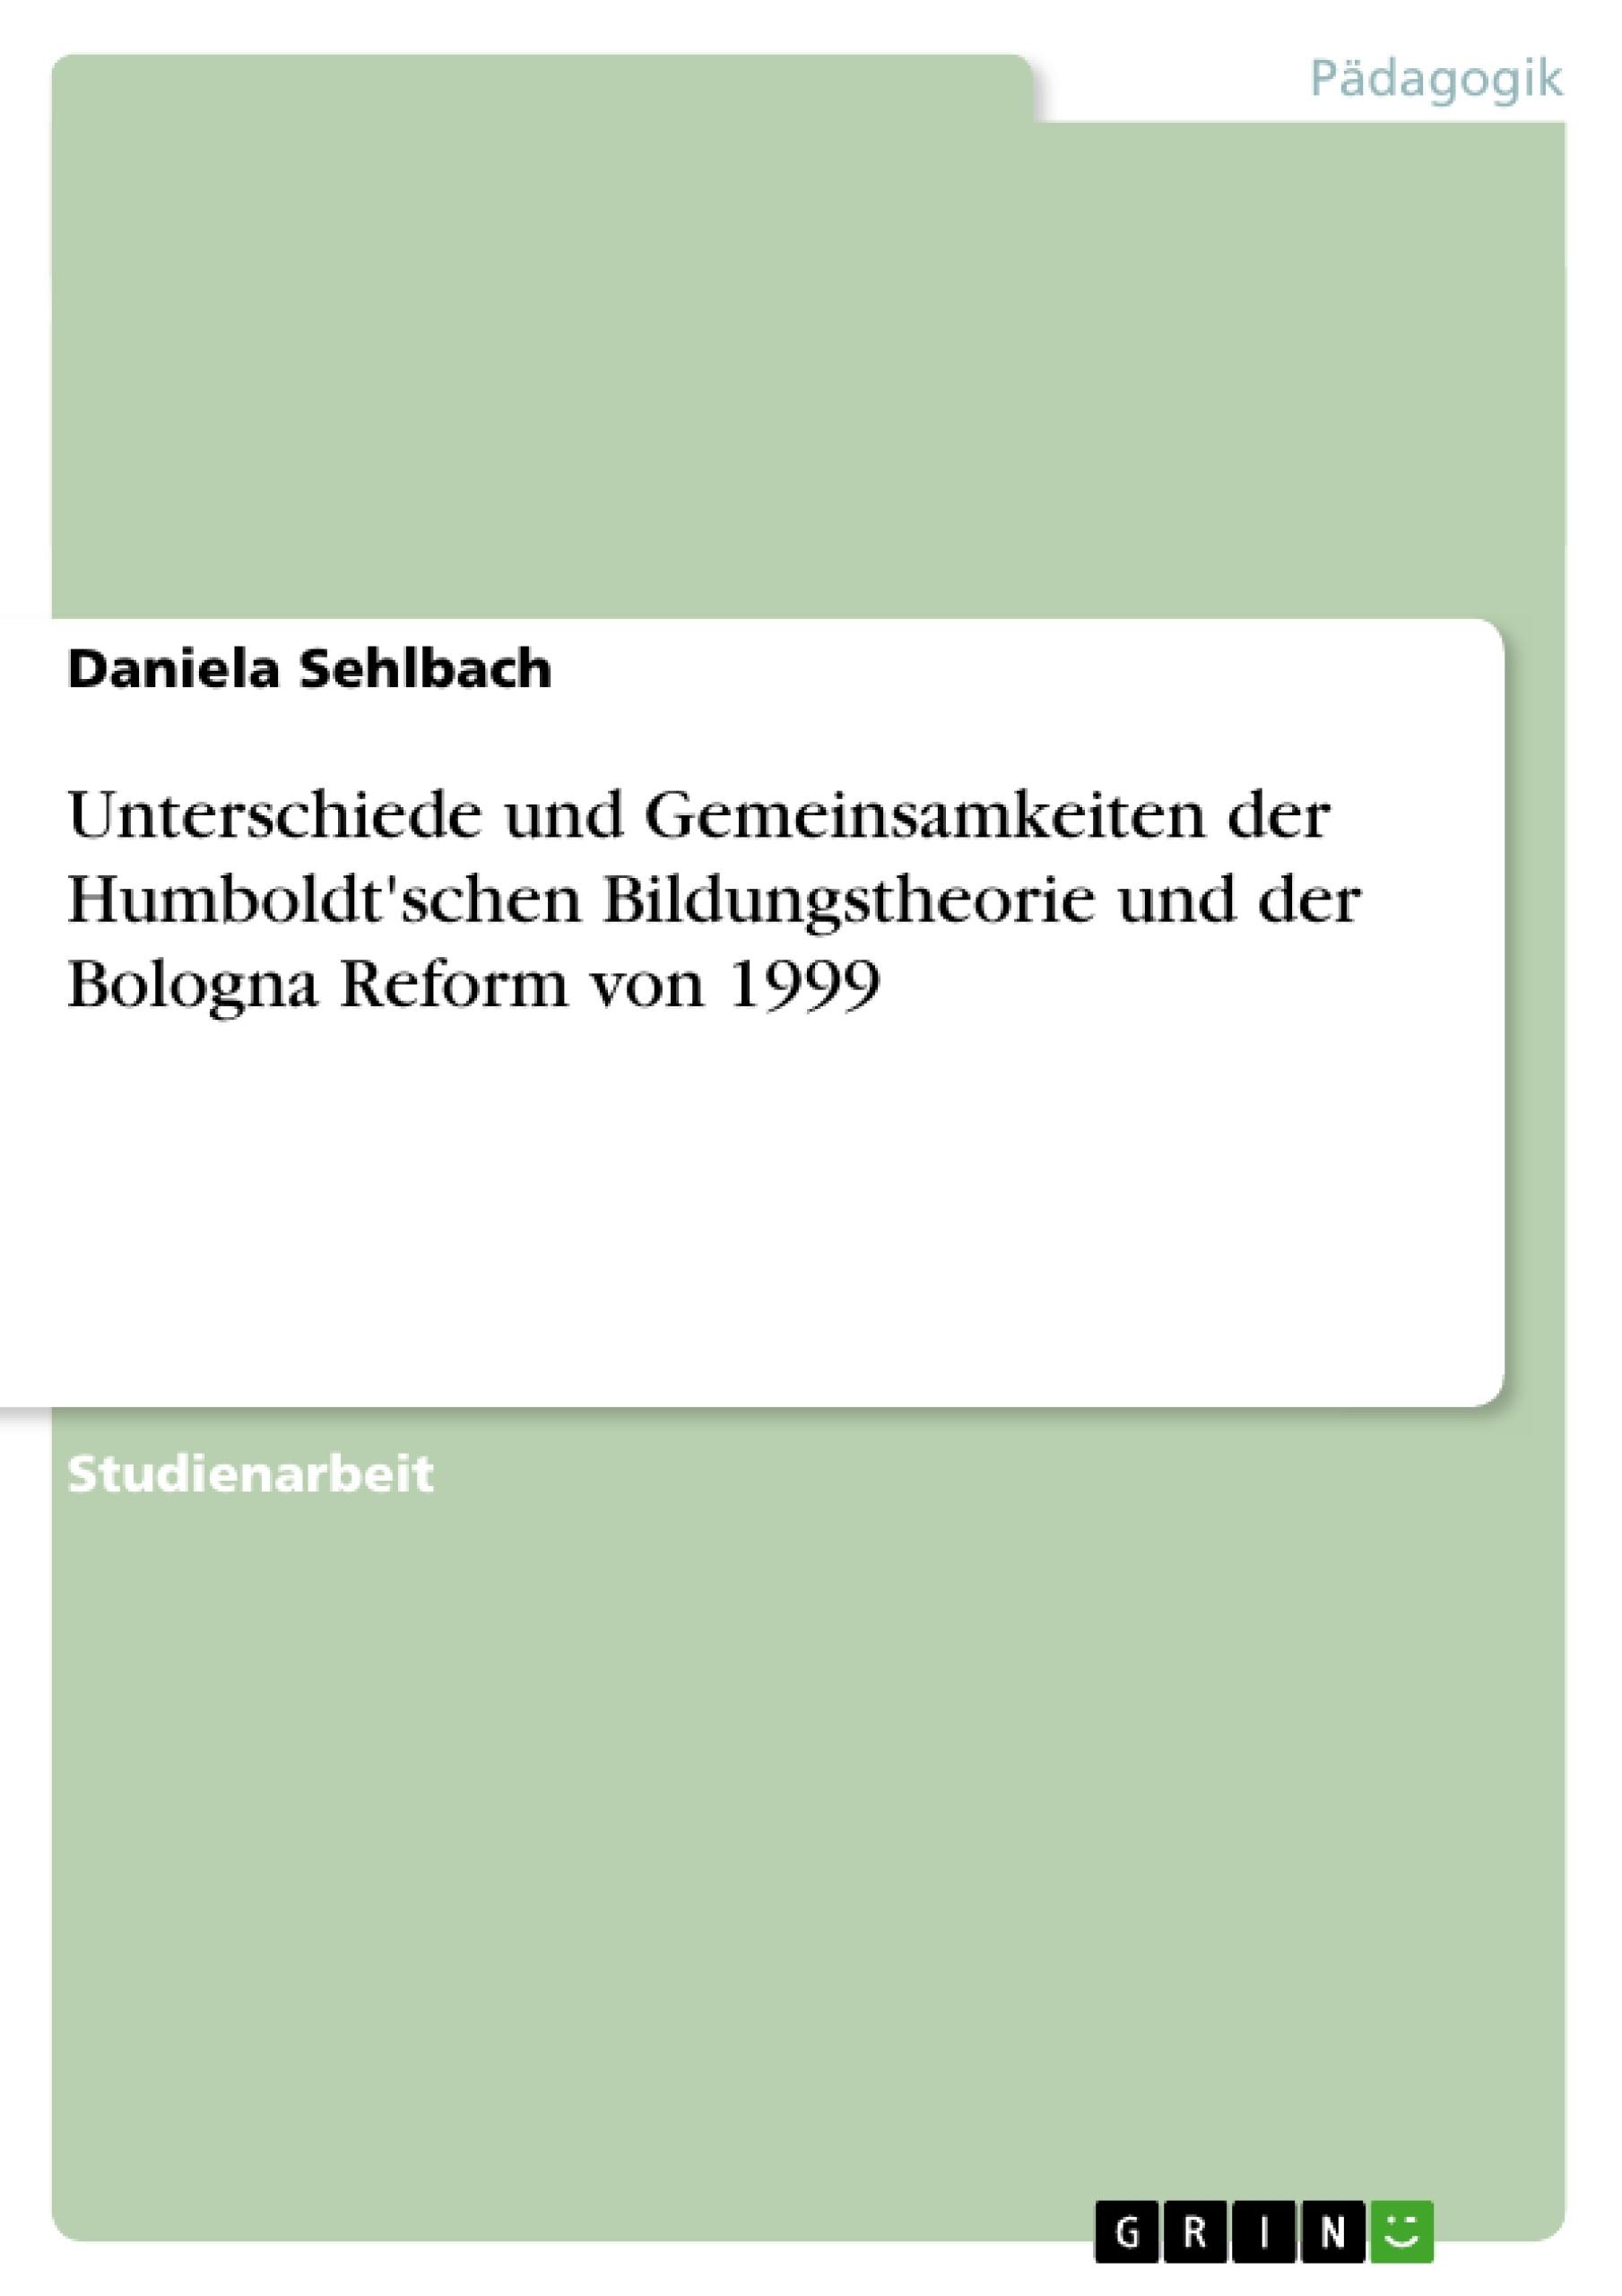 Titel: Unterschiede und Gemeinsamkeiten der Humboldt'schen Bildungstheorie und der Bologna Reform von 1999